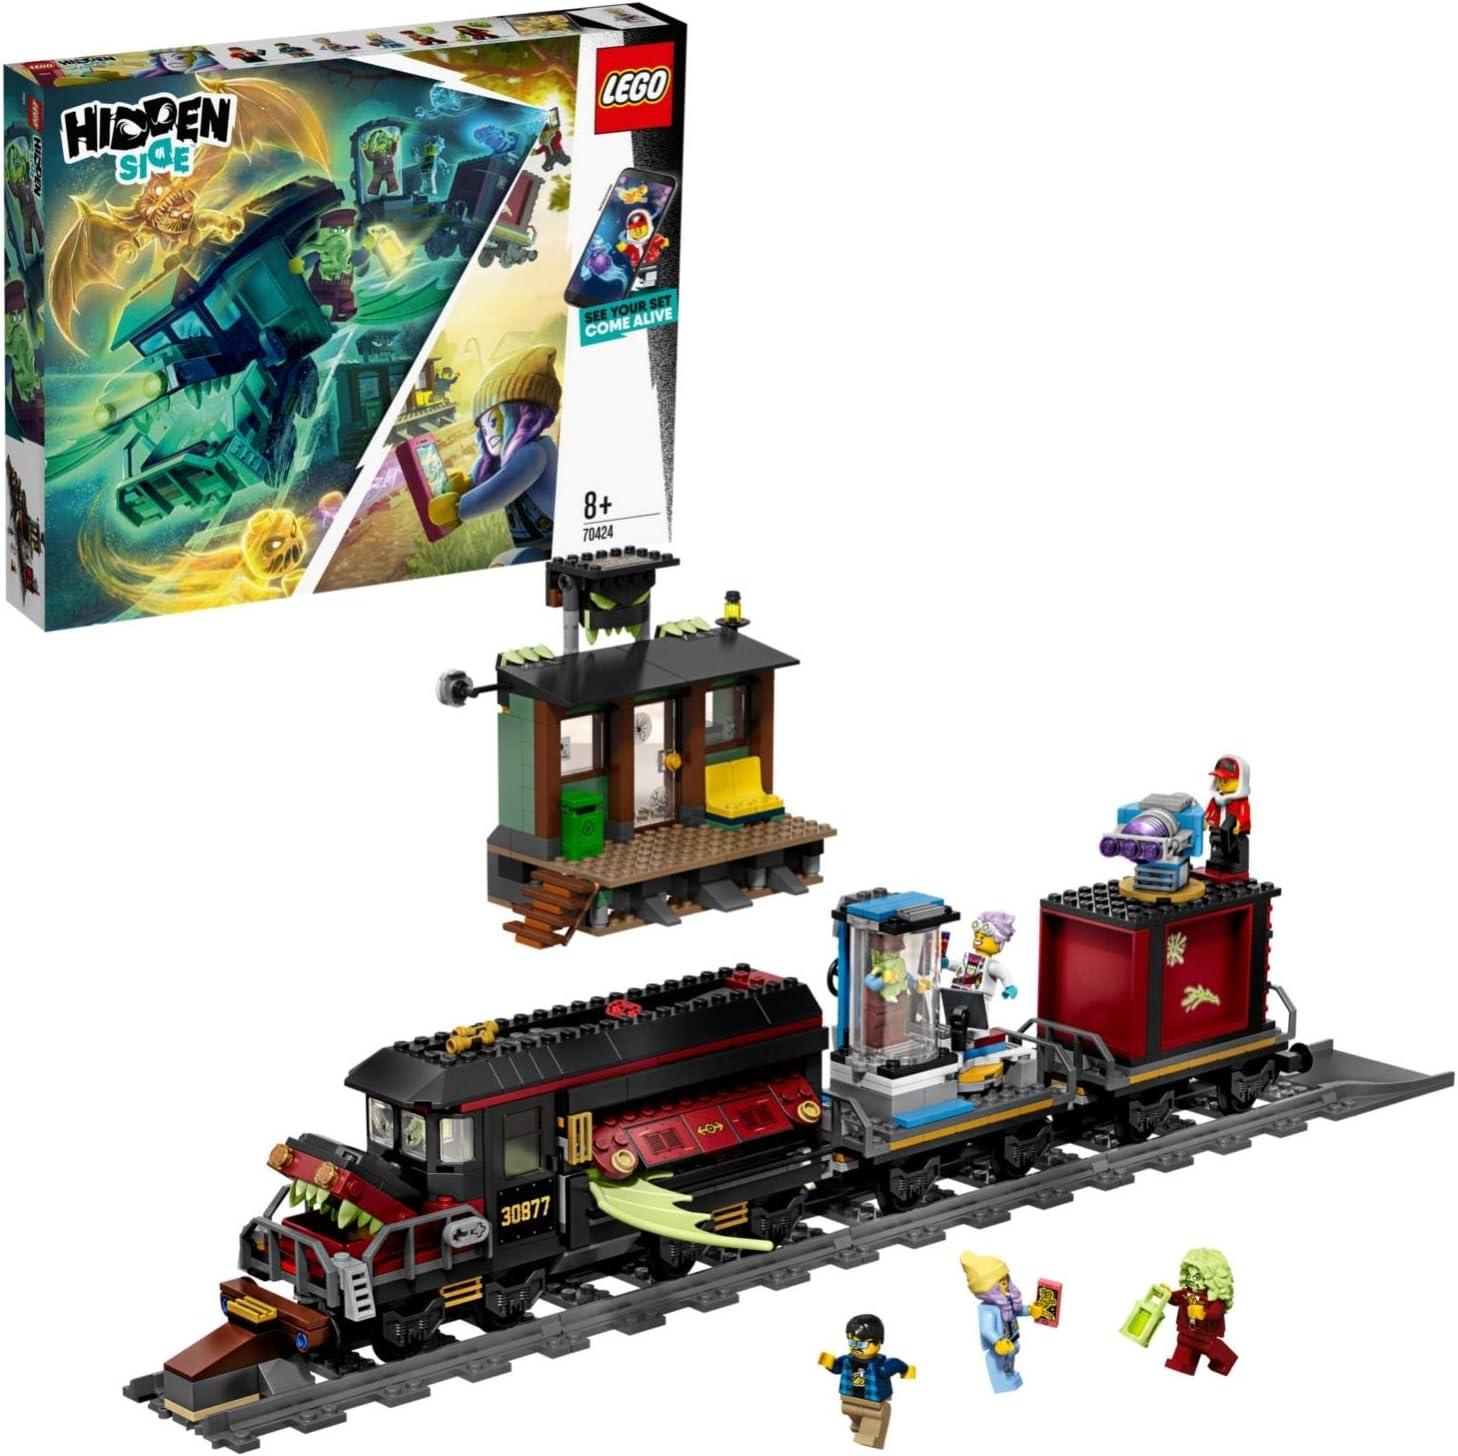 LEGO - Hidden Side Expreso Fantasma Juguete de construcción con realidad aumentada, incluye tren y minifiguras de fantasmas para atraparlos, Novedad 2019 (70424): Amazon.es: Juguetes y juegos